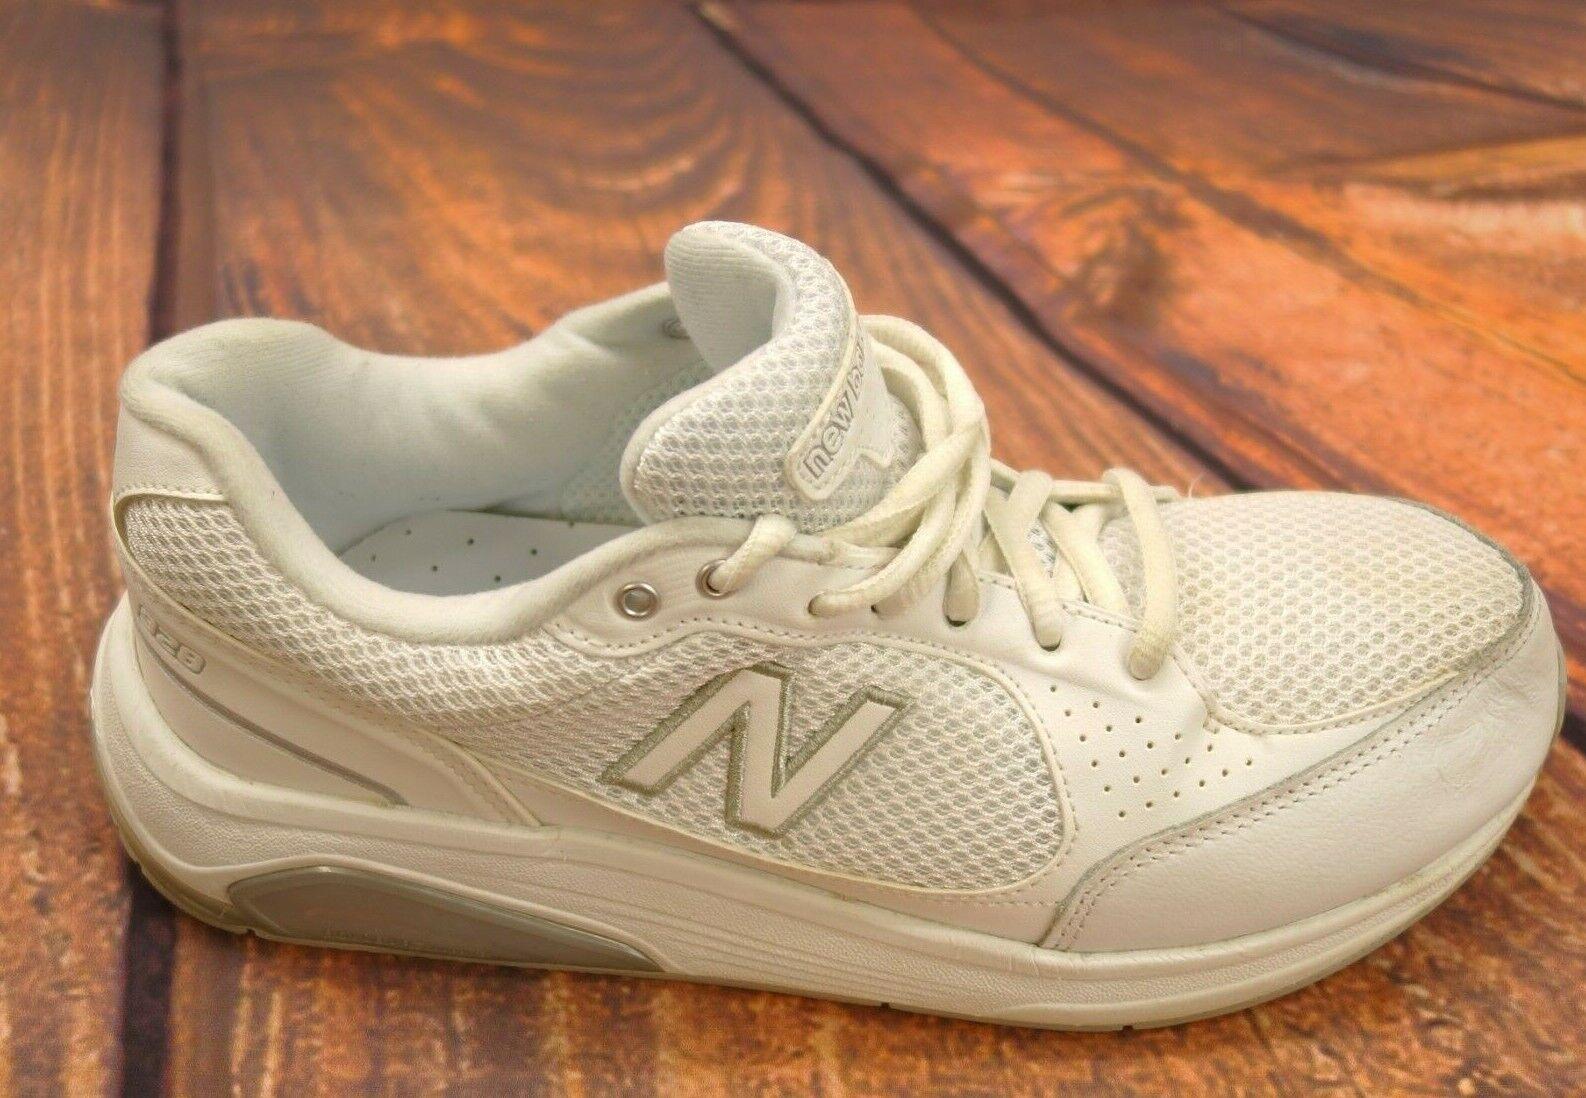 New Balance 928 US 7.5 Eu 38 Breit Weiß Stability Komfort Wandern Damen Schuhe